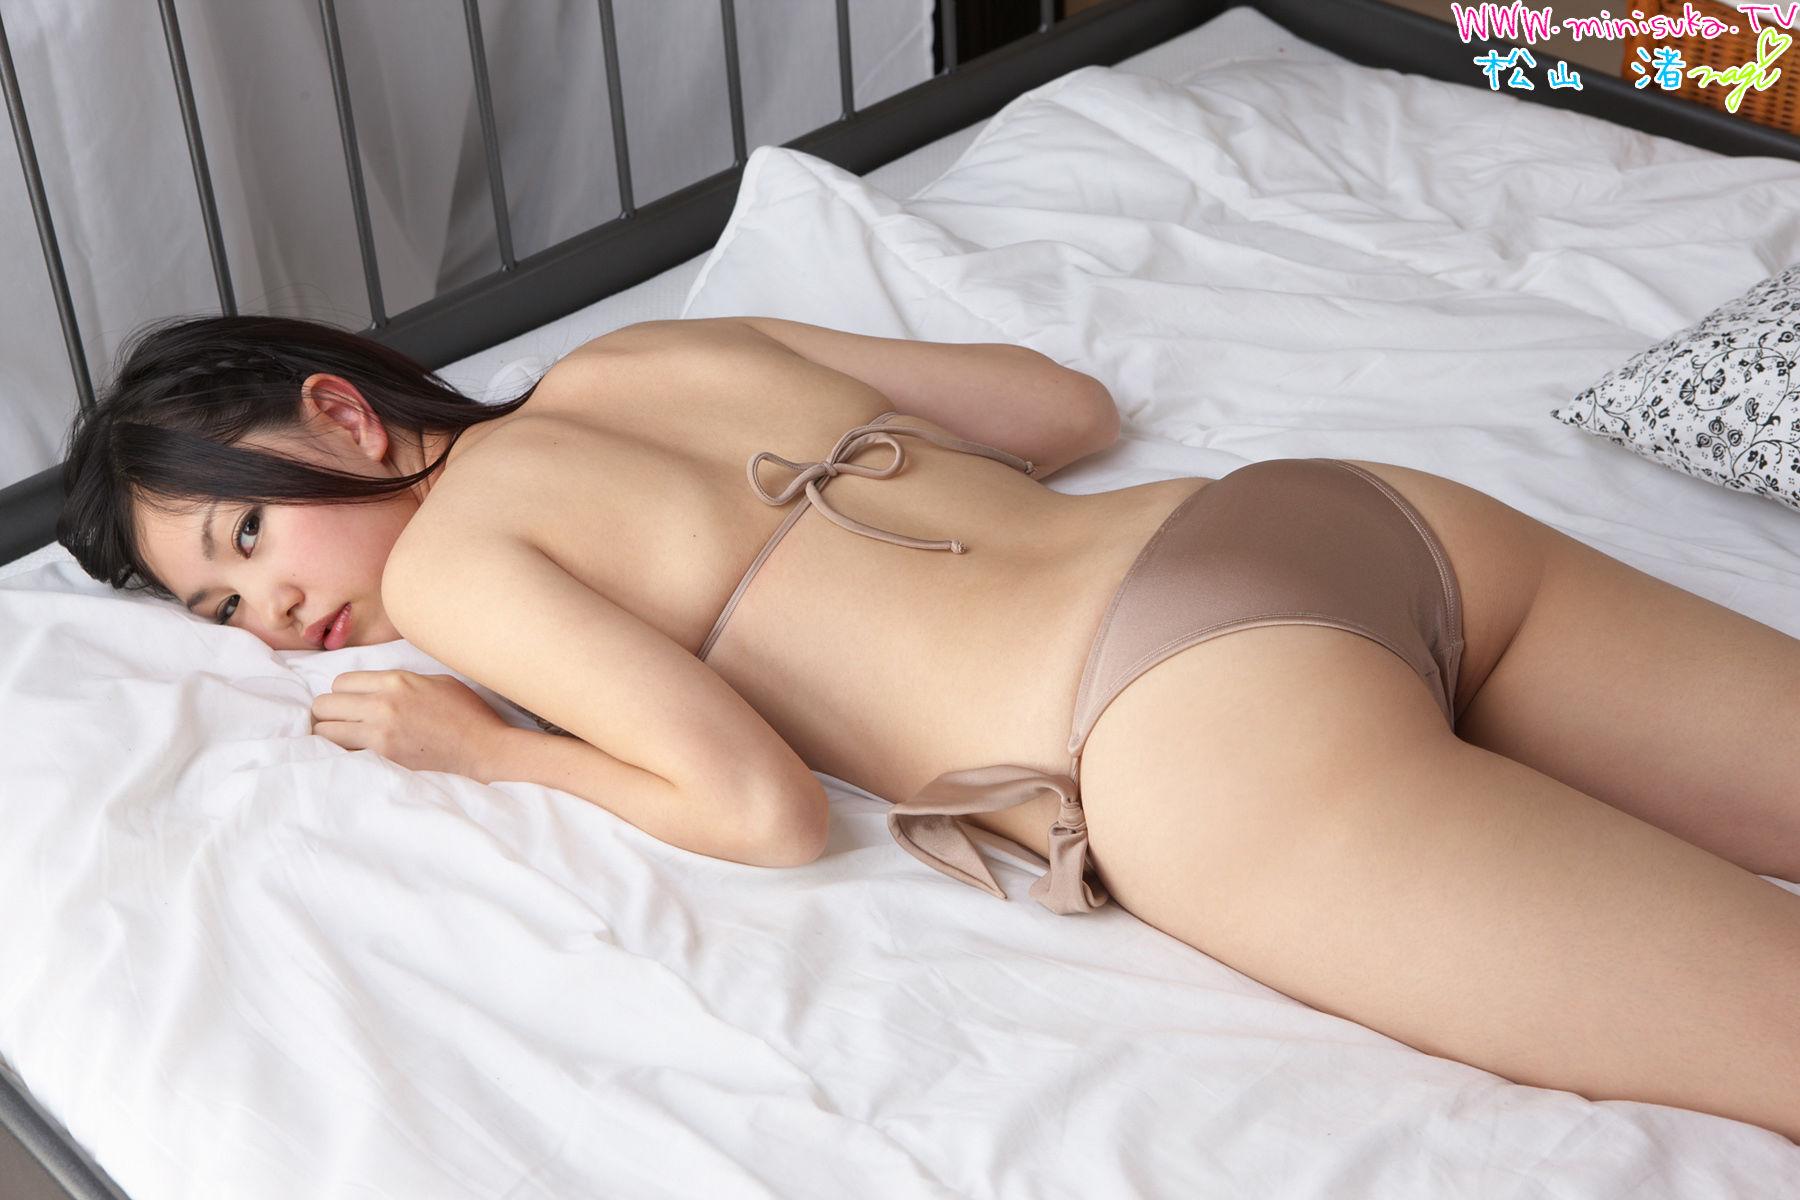 松山渚 - 床拍比基尼